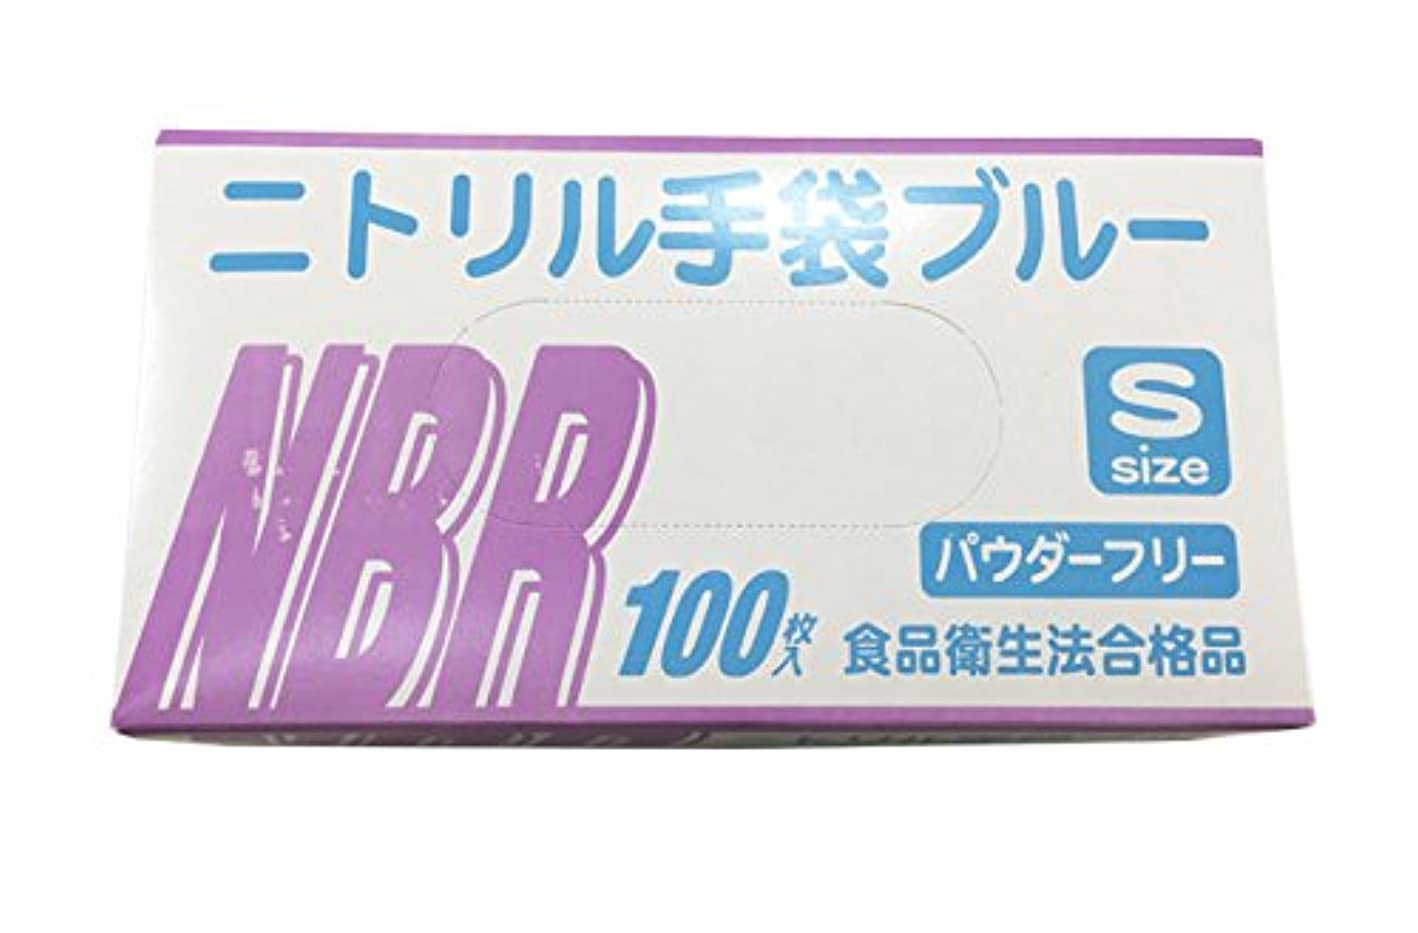 アラブ人教える正しく使い捨て手袋 ニトリル グローブ ブルー 食品衛生法合格品 粉なし 100枚入×20個セット Sサイズ